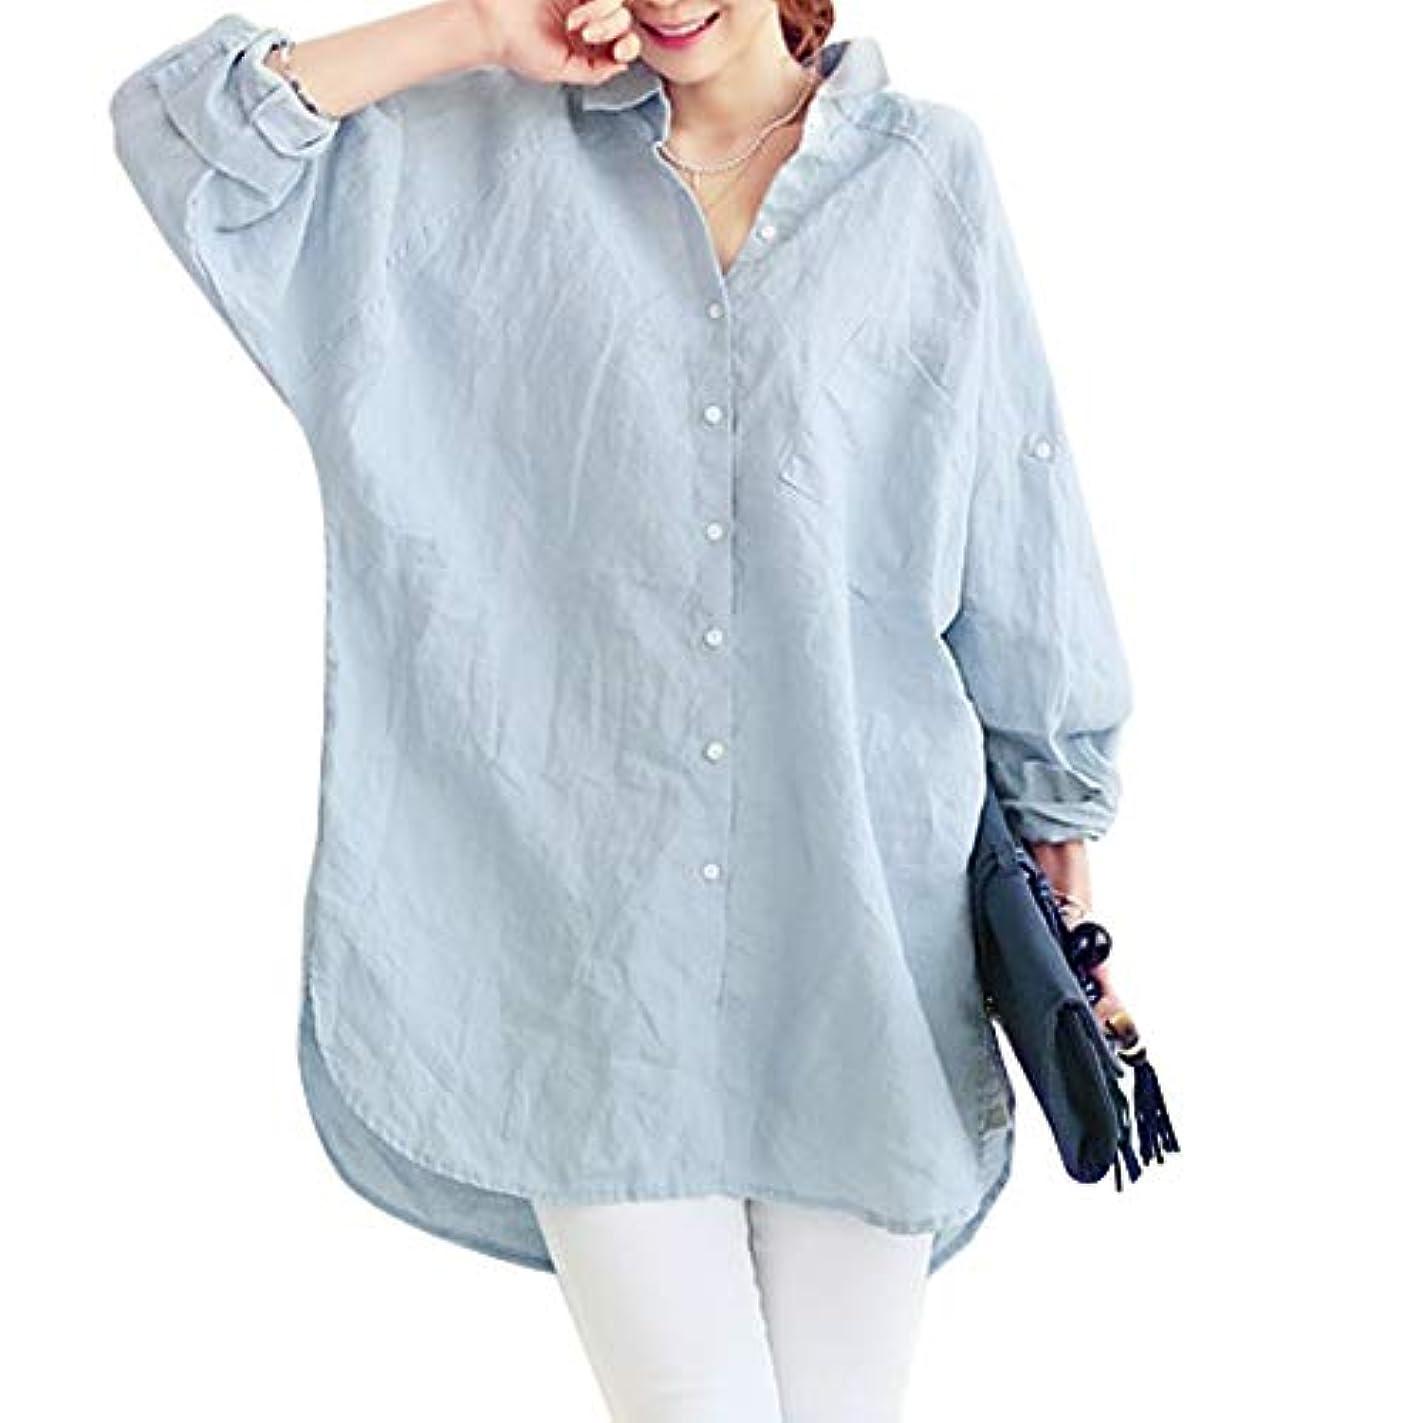 とても真珠のような証拠[ココチエ] シャツ ワンピ レディース ブラウス 長袖 ロング 水色 白 大きいサイズ おおきいサイズ おしゃれ ゆったり 体型カバー 前開き